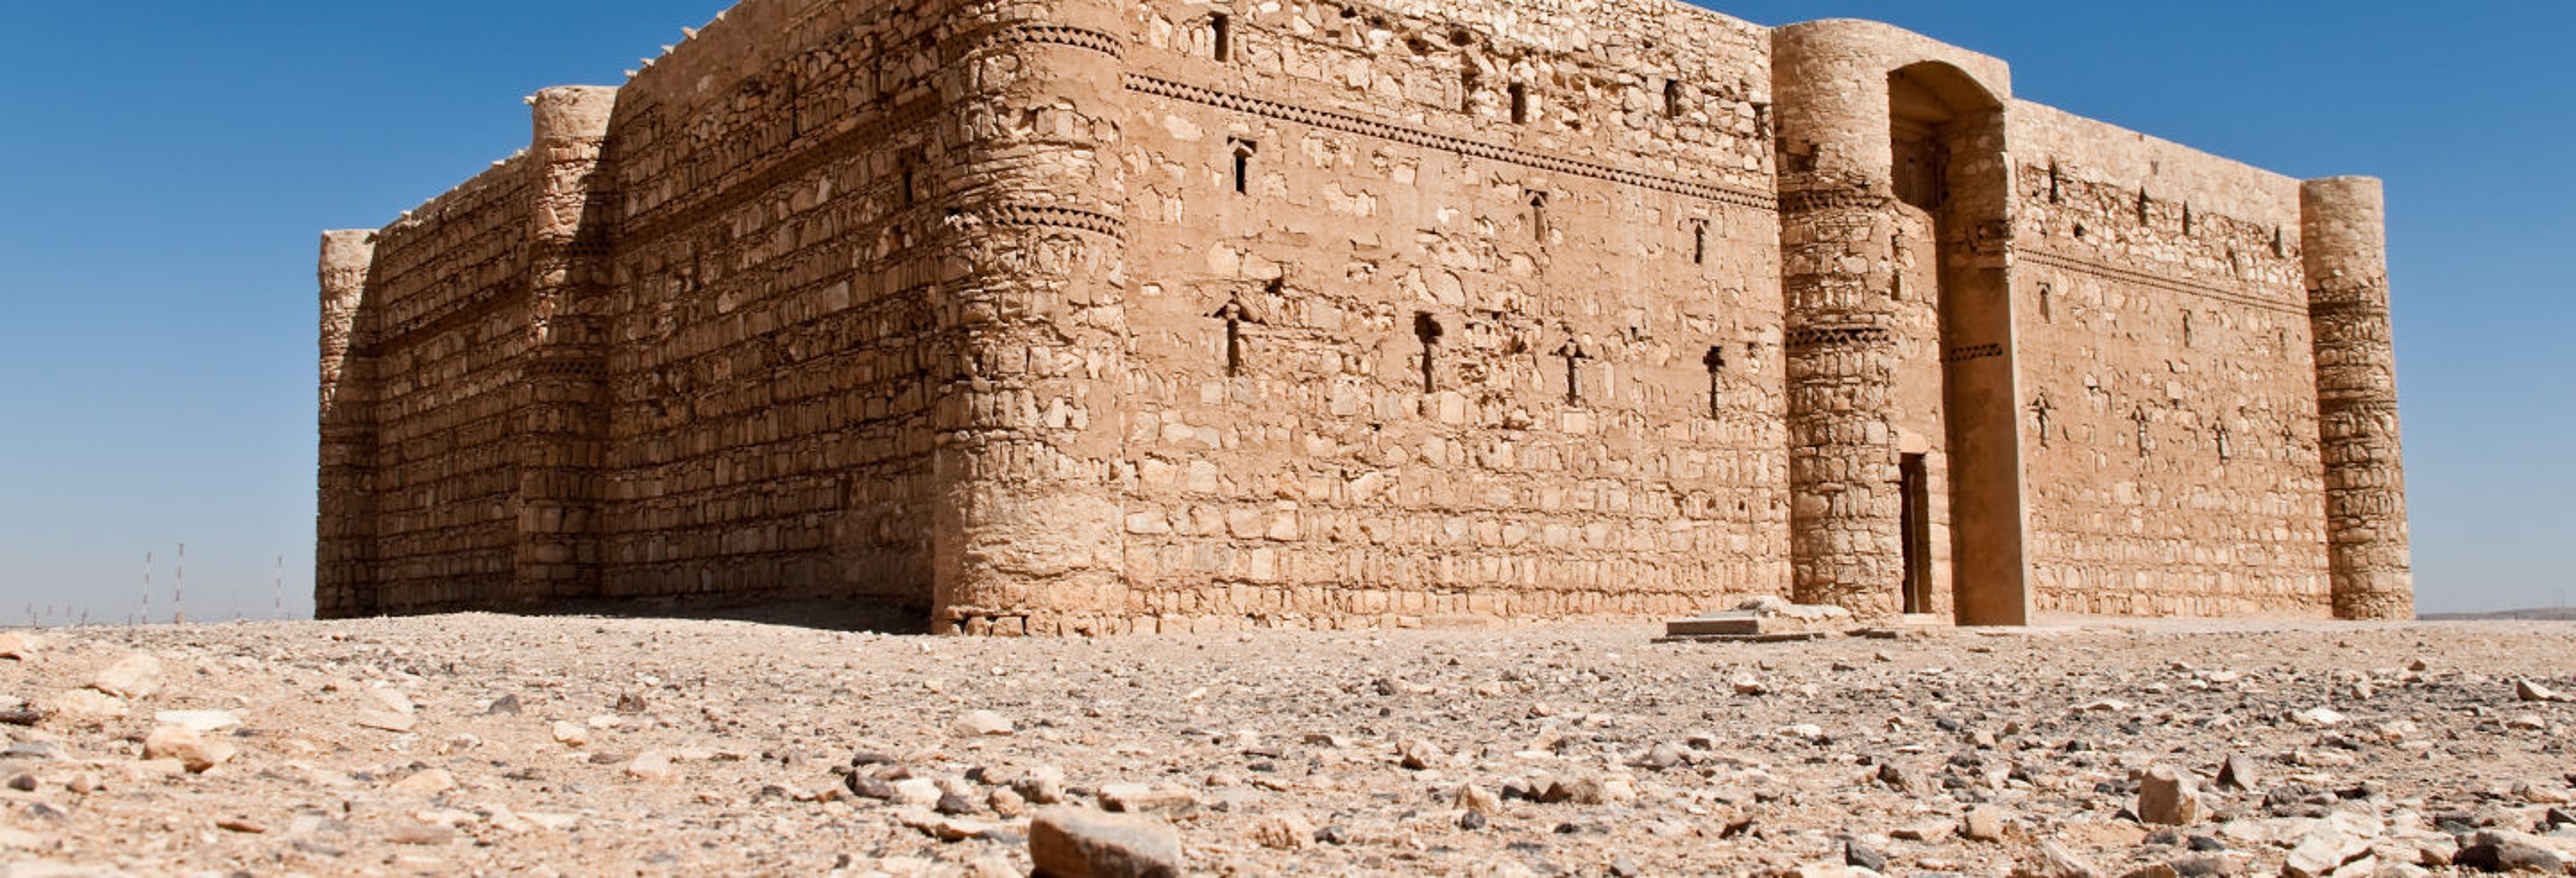 Excursión a los Castillos del Desierto y Mar Muerto